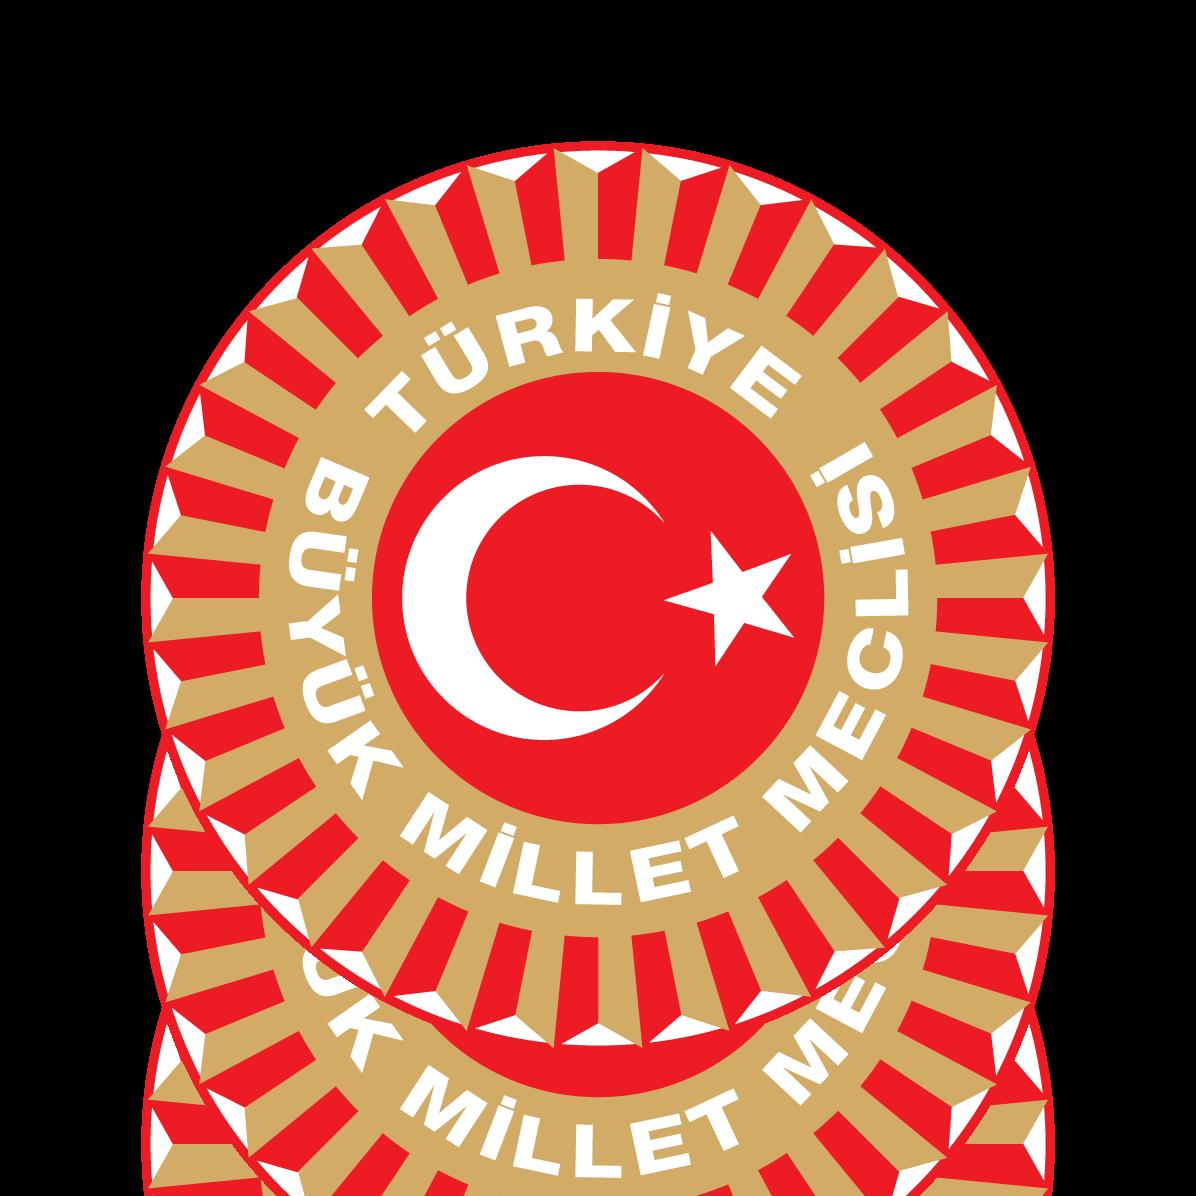 Tbmm_had_hukuk_yaldizli_logo